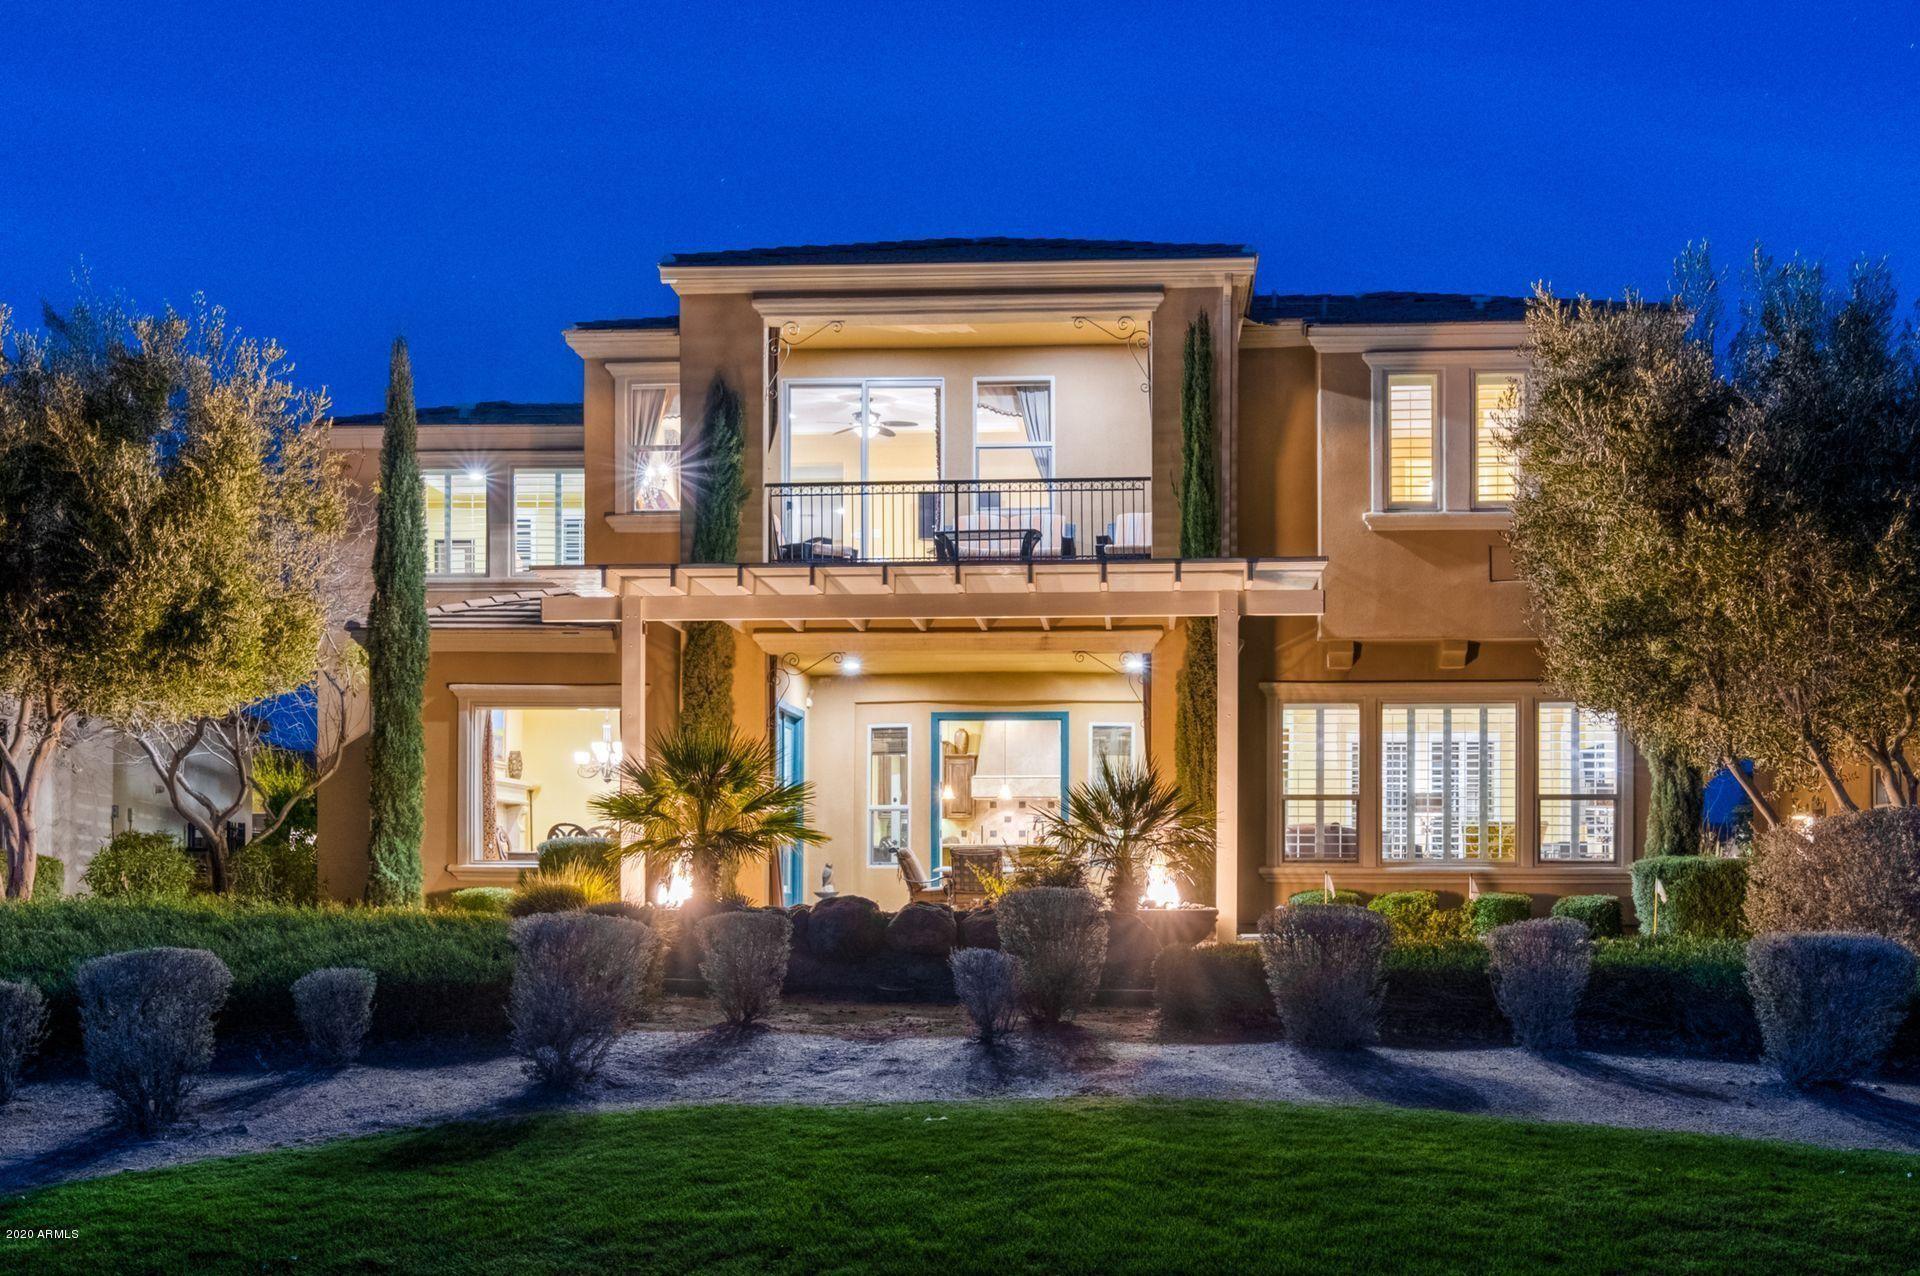 1591 E SWEET CITRUS Drive, San Tan Valley, AZ 85140 - #: 6028635